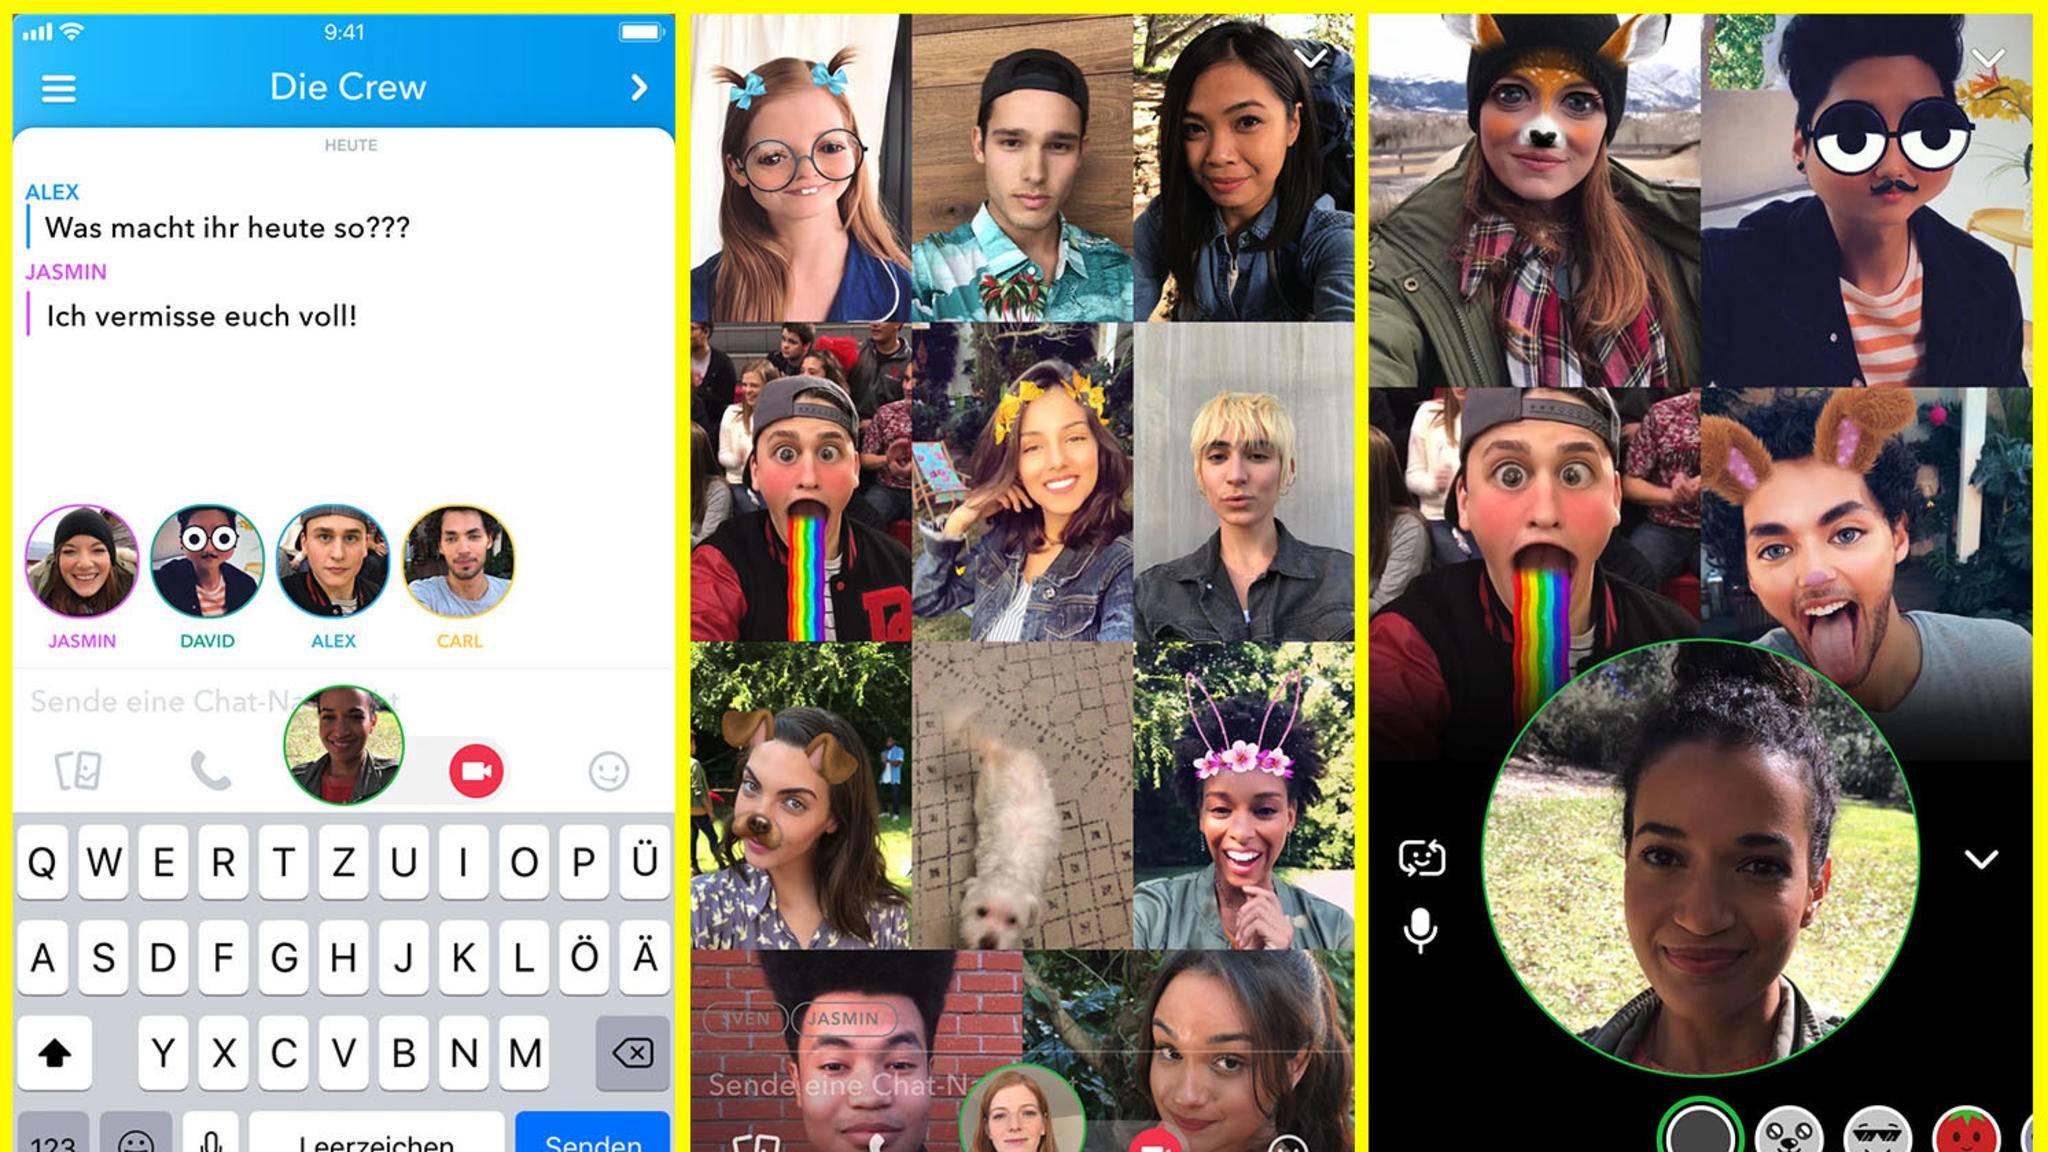 Gruppen-Videochats mit bis zu 16 Personen sind jetzt in Snapchat möglich.